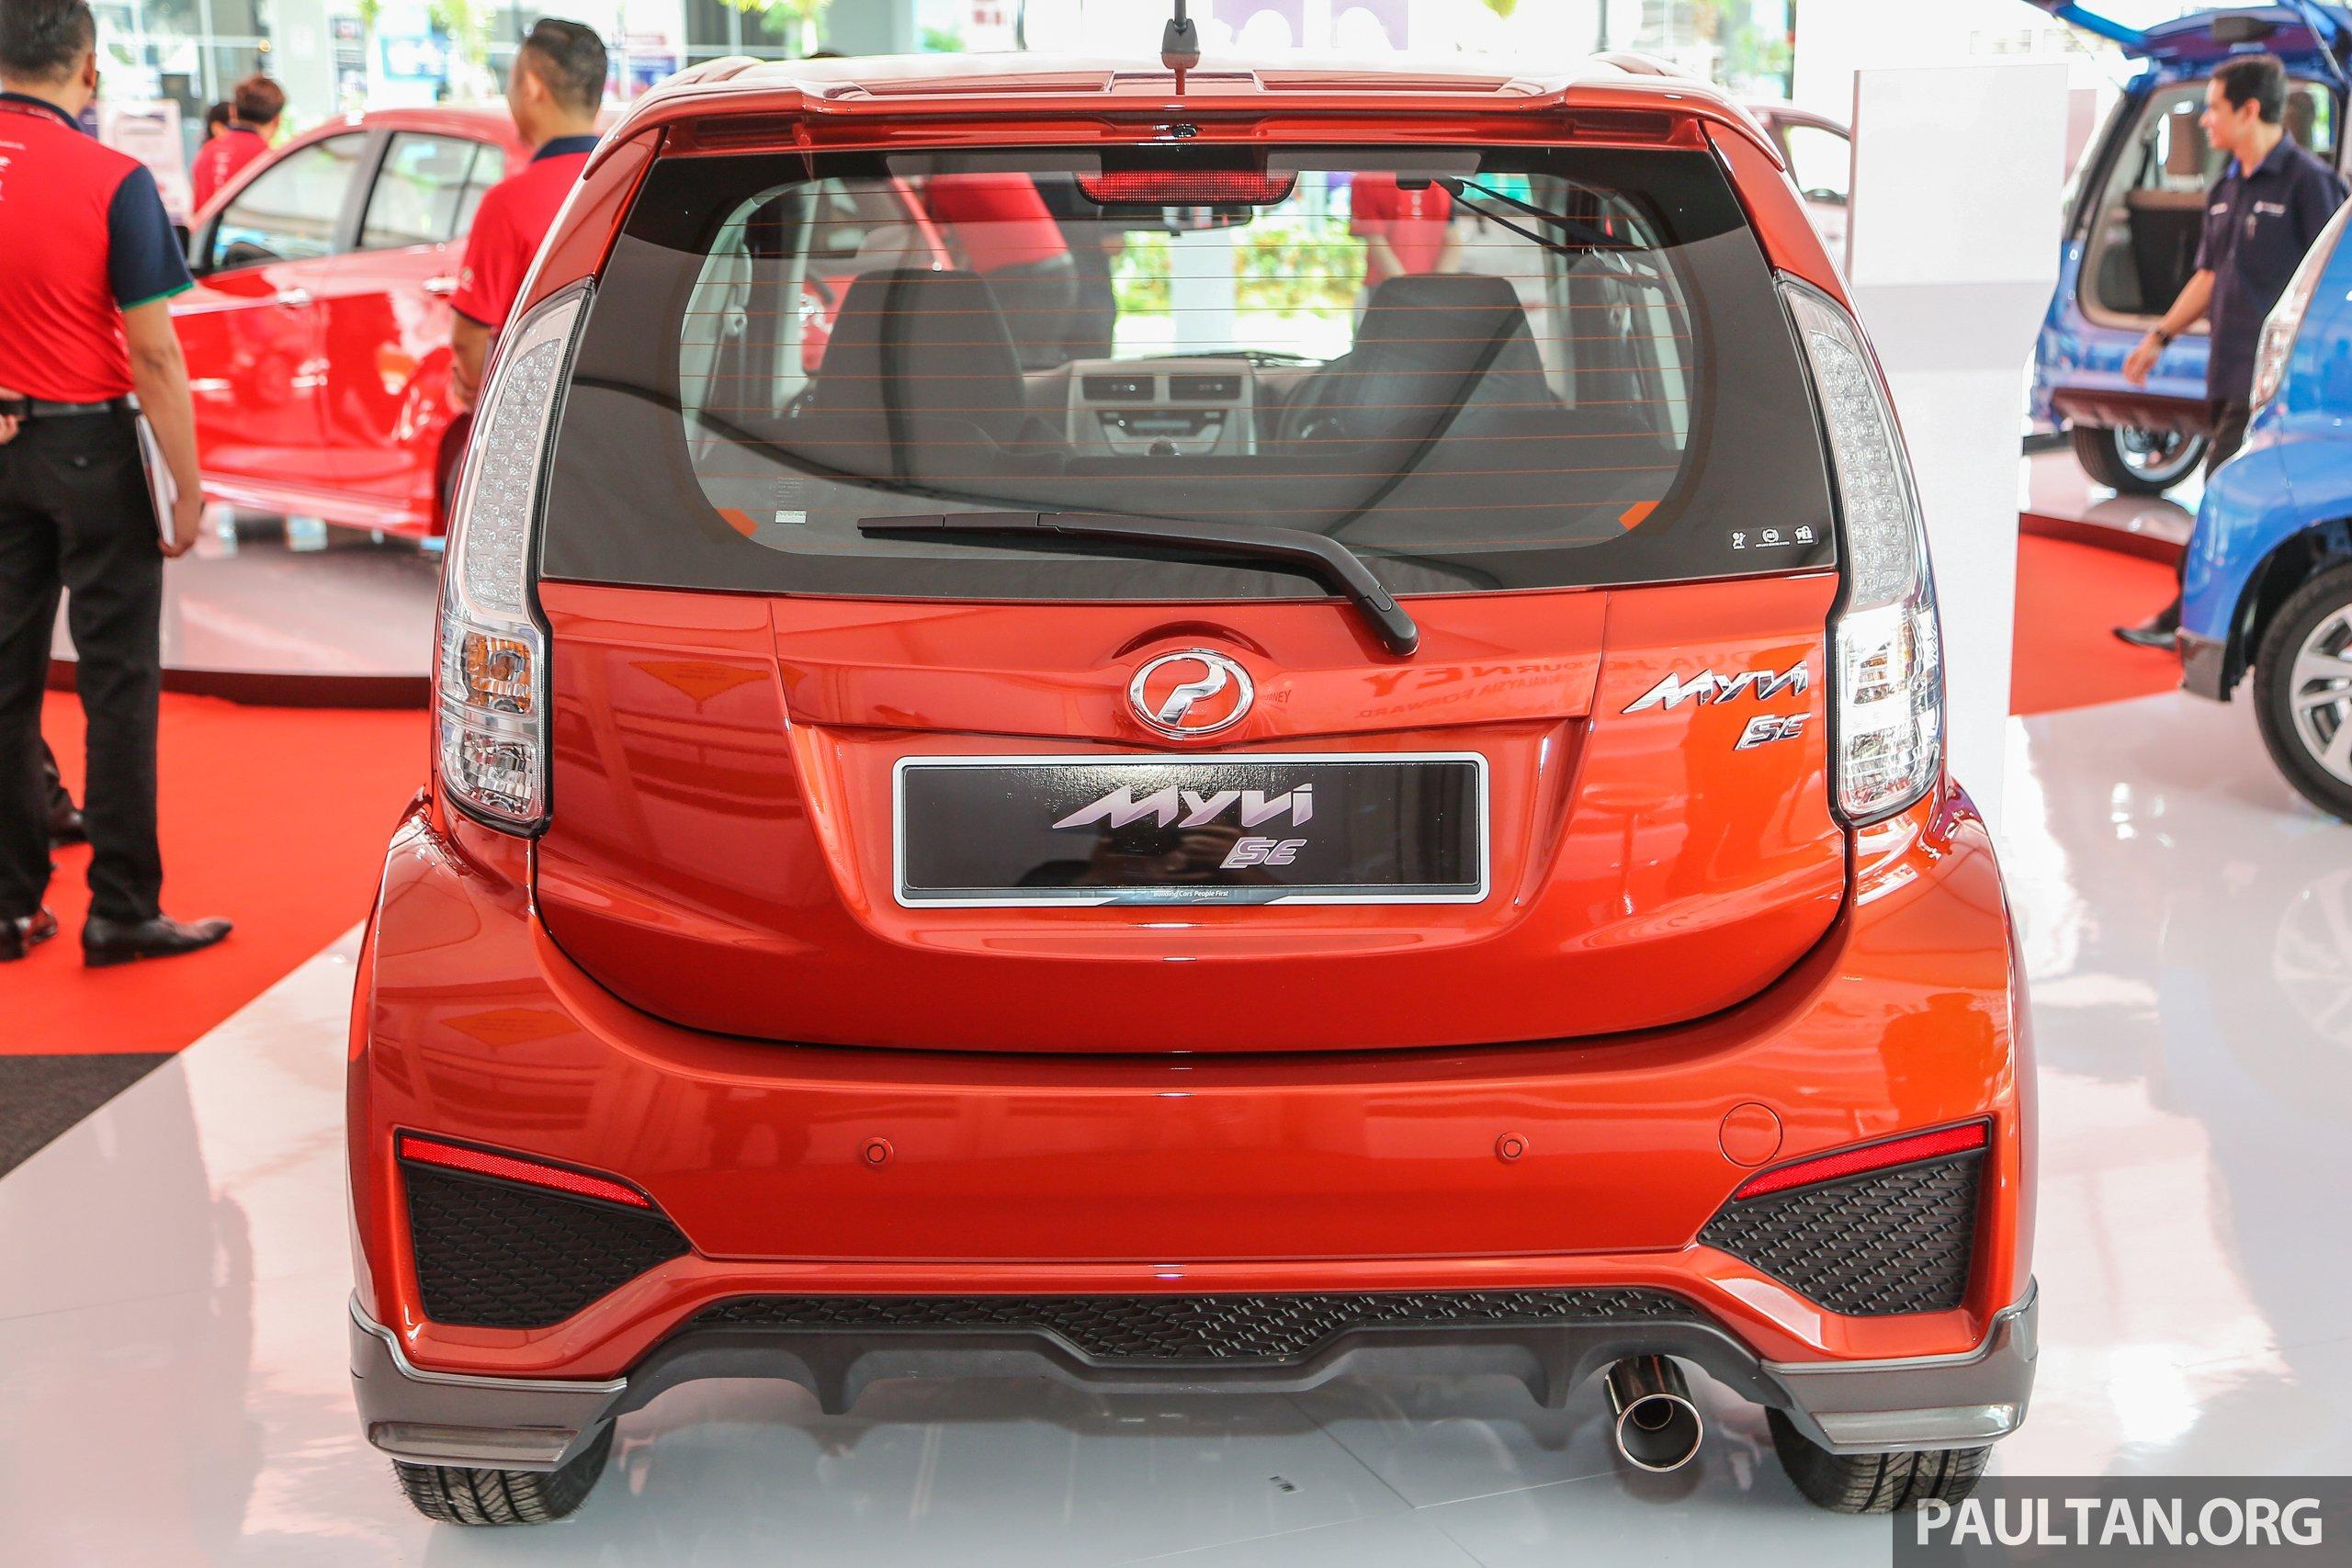 Myvi Se 1.5 >> Perodua Myvi 1.5 SE, Advance get standard GearUp kit Paul Tan - Image 606842